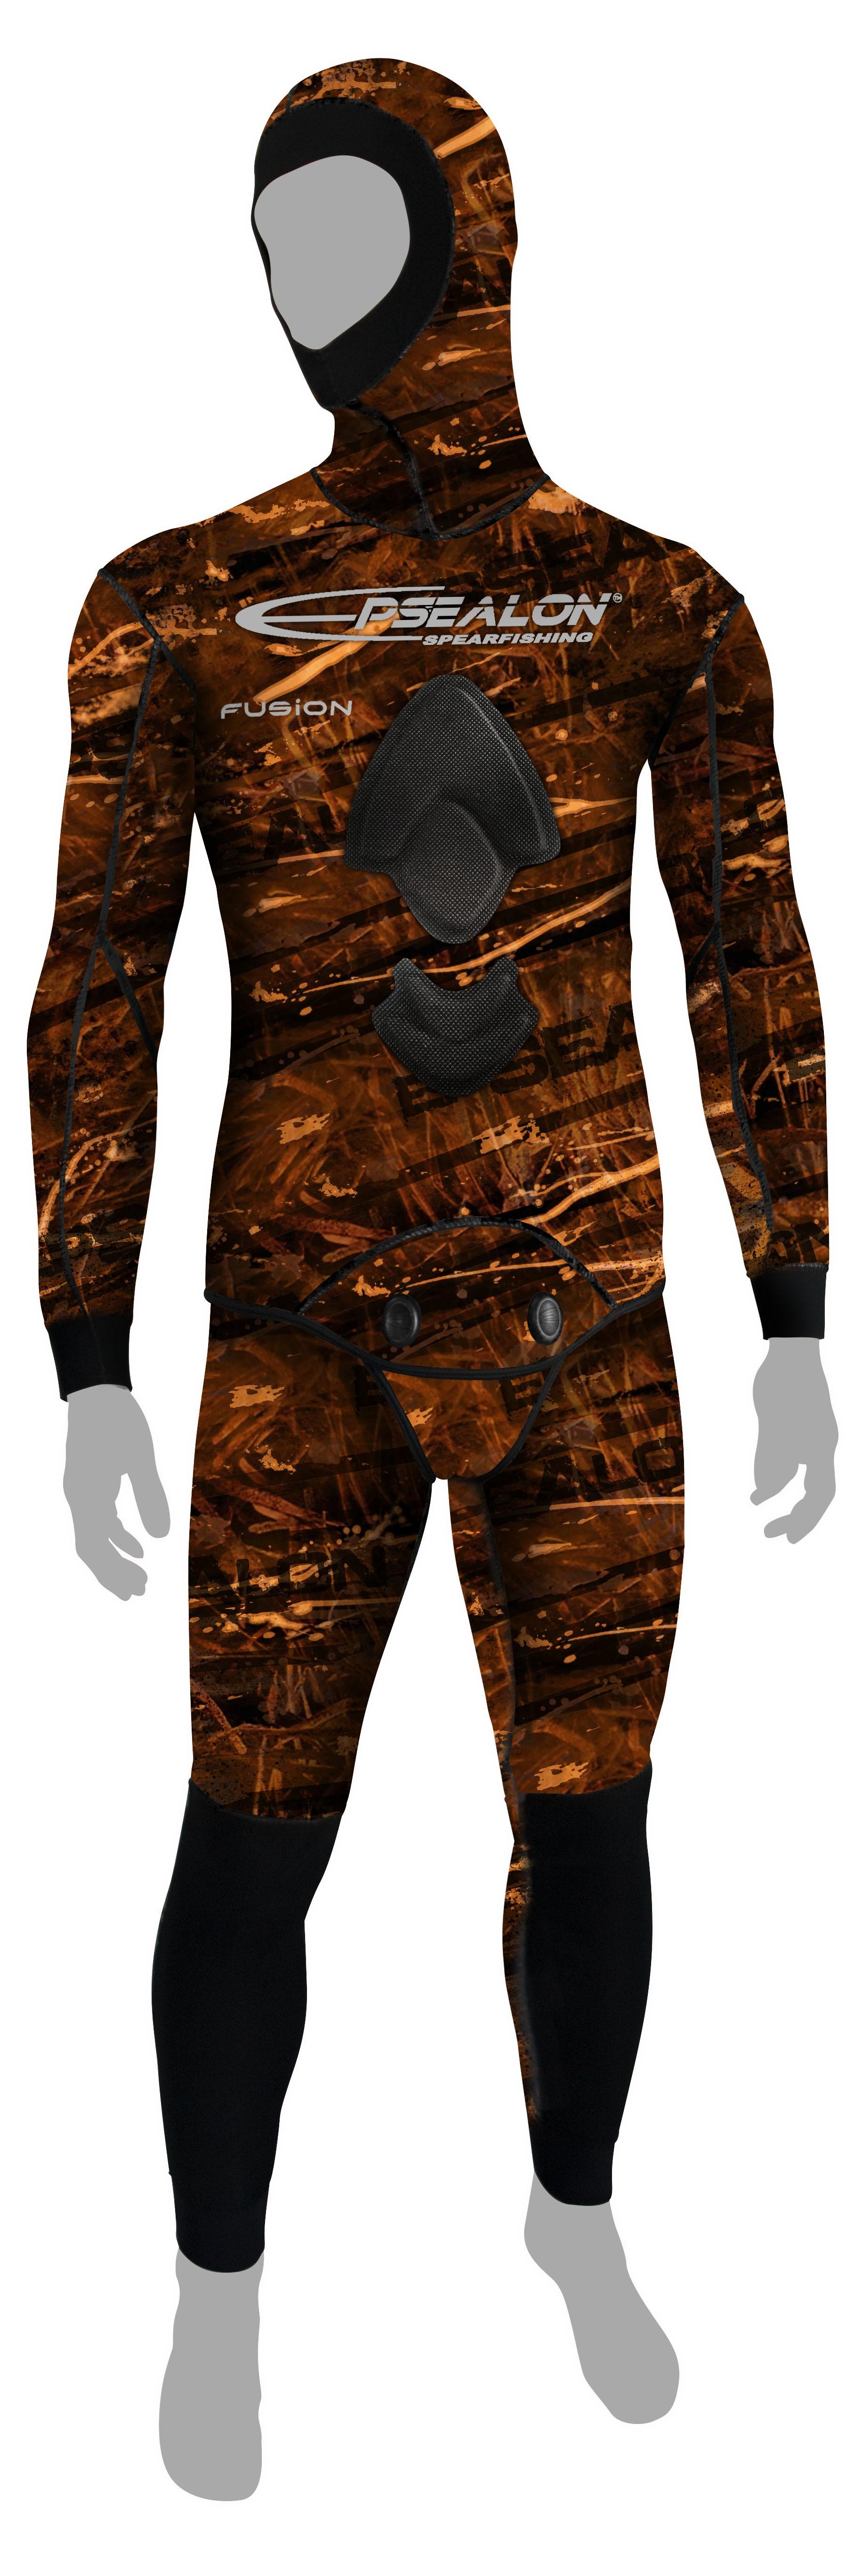 Combinaison Epsealon Brown Fusion  (Veste 7 mm + pantalon 5 mm)